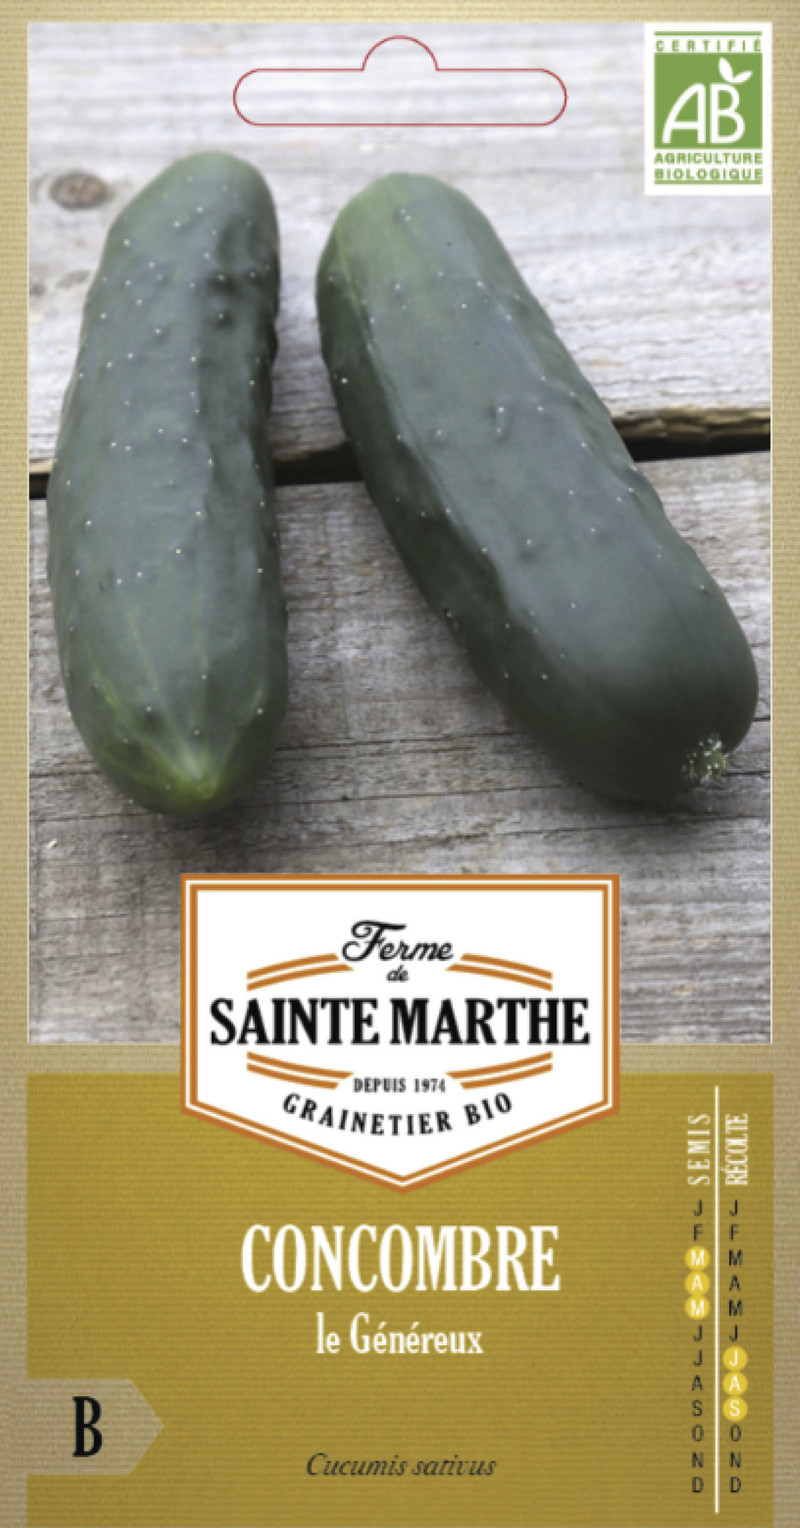 concombre le genereux bio ferme de sainte marthe graine semence potager sachet semis - Voir en grand